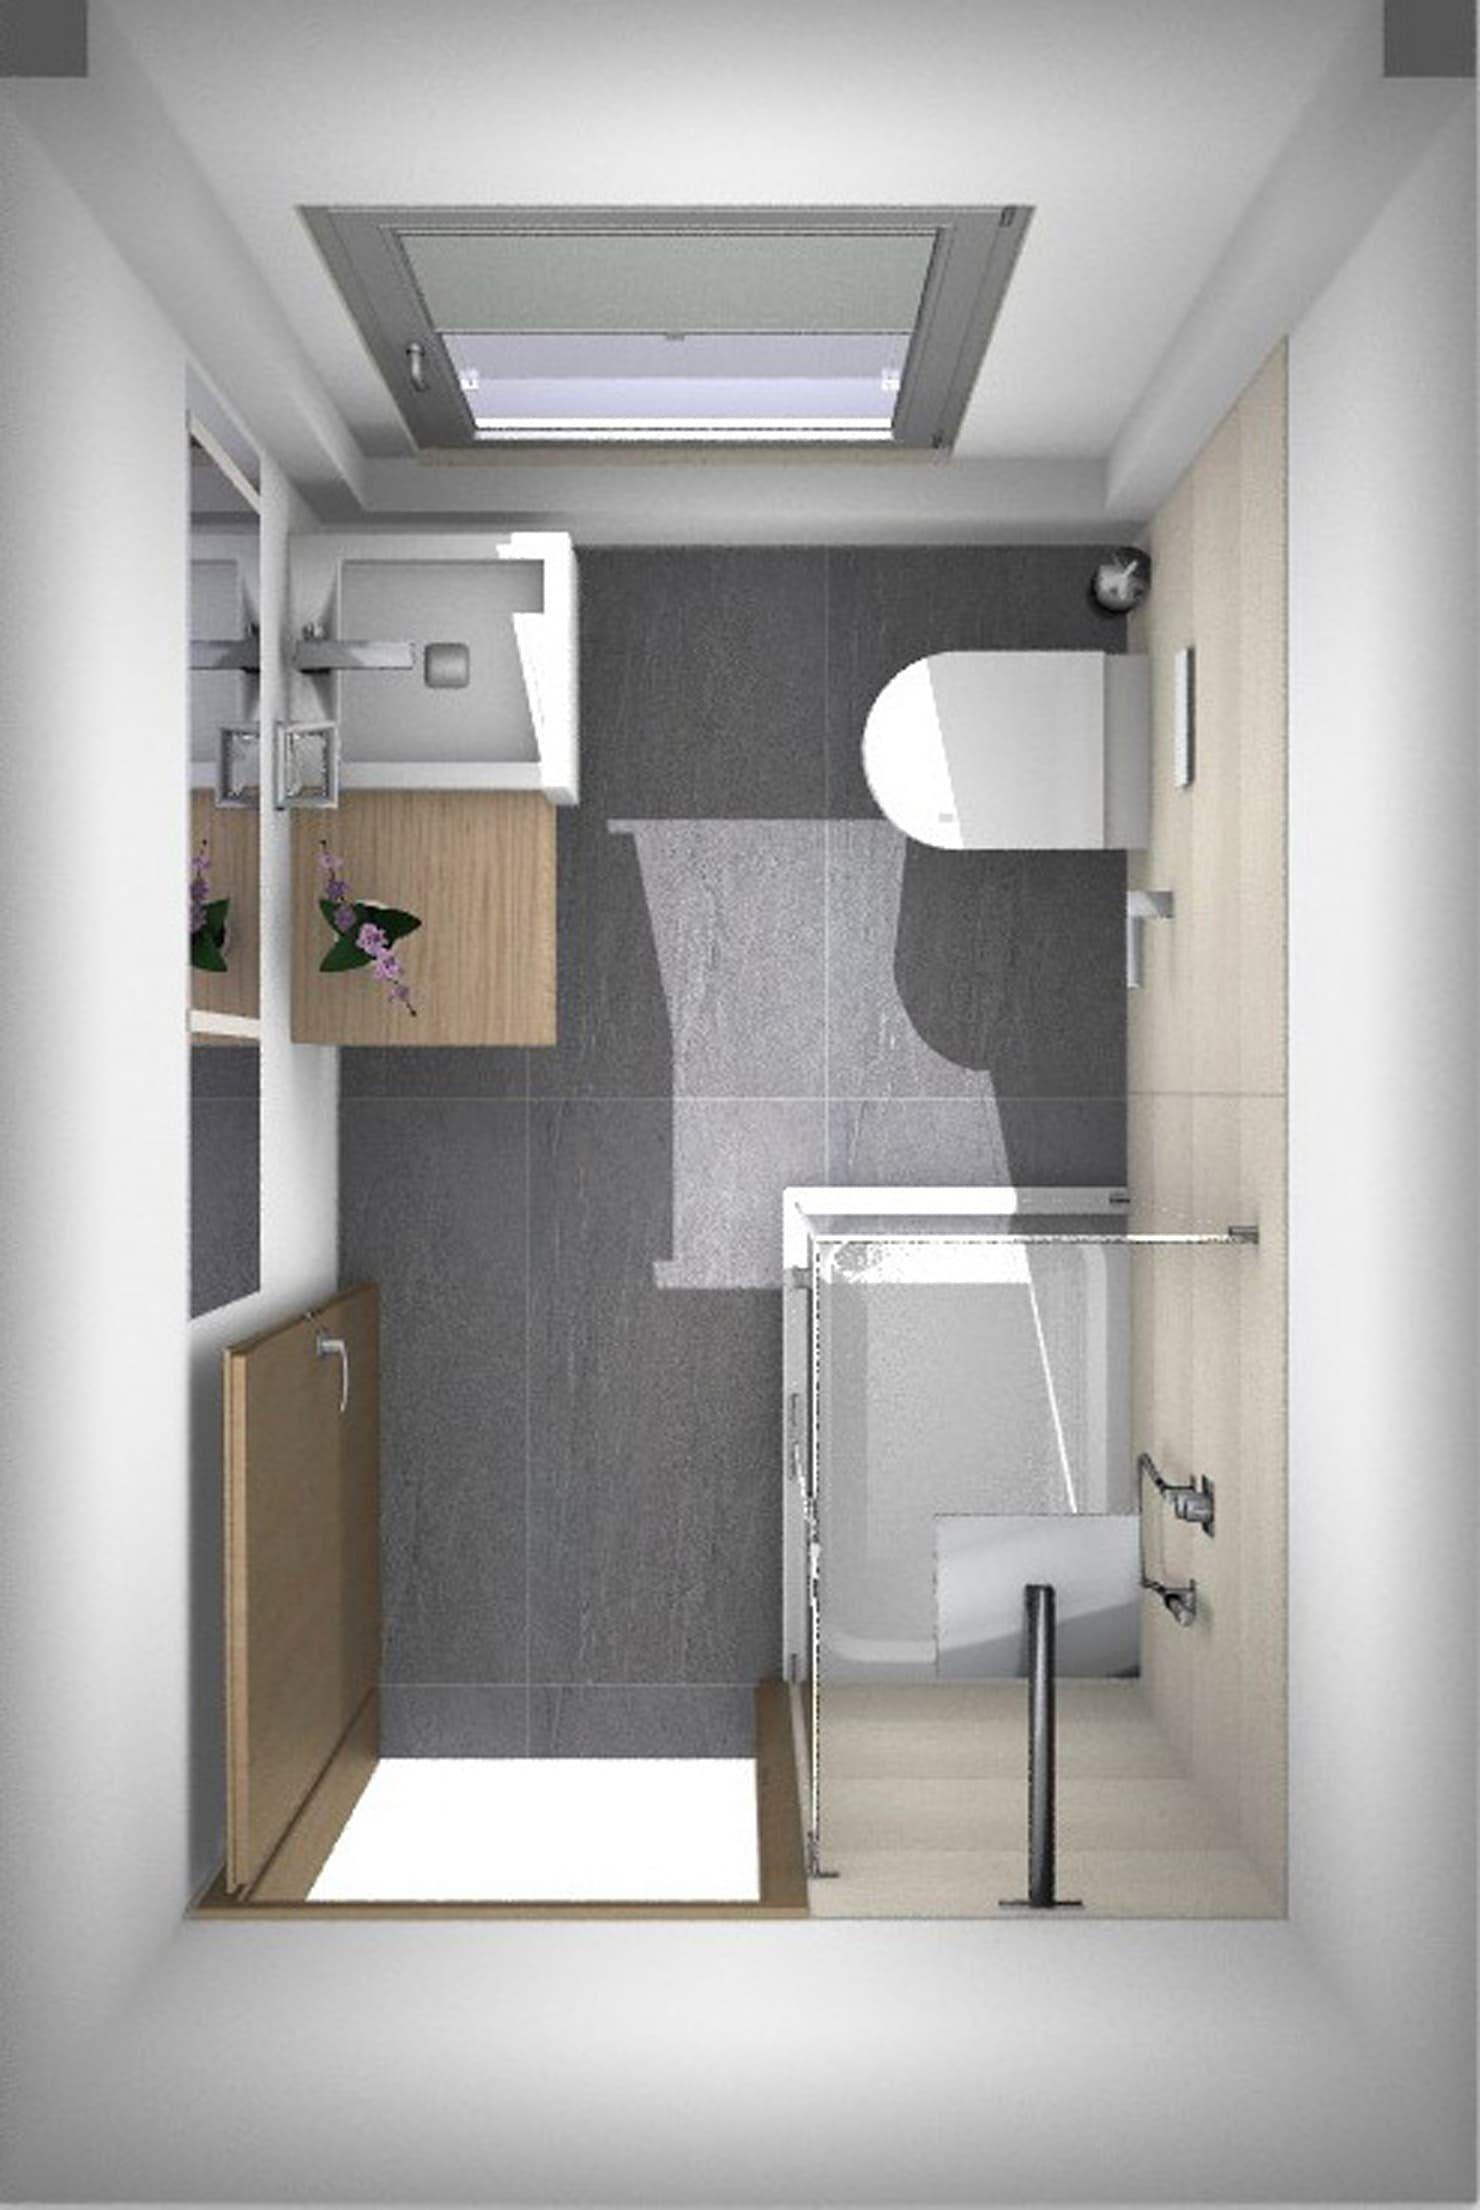 Badrenovierung: Dusche im Gäste-WC von Banovo GmbH | homify